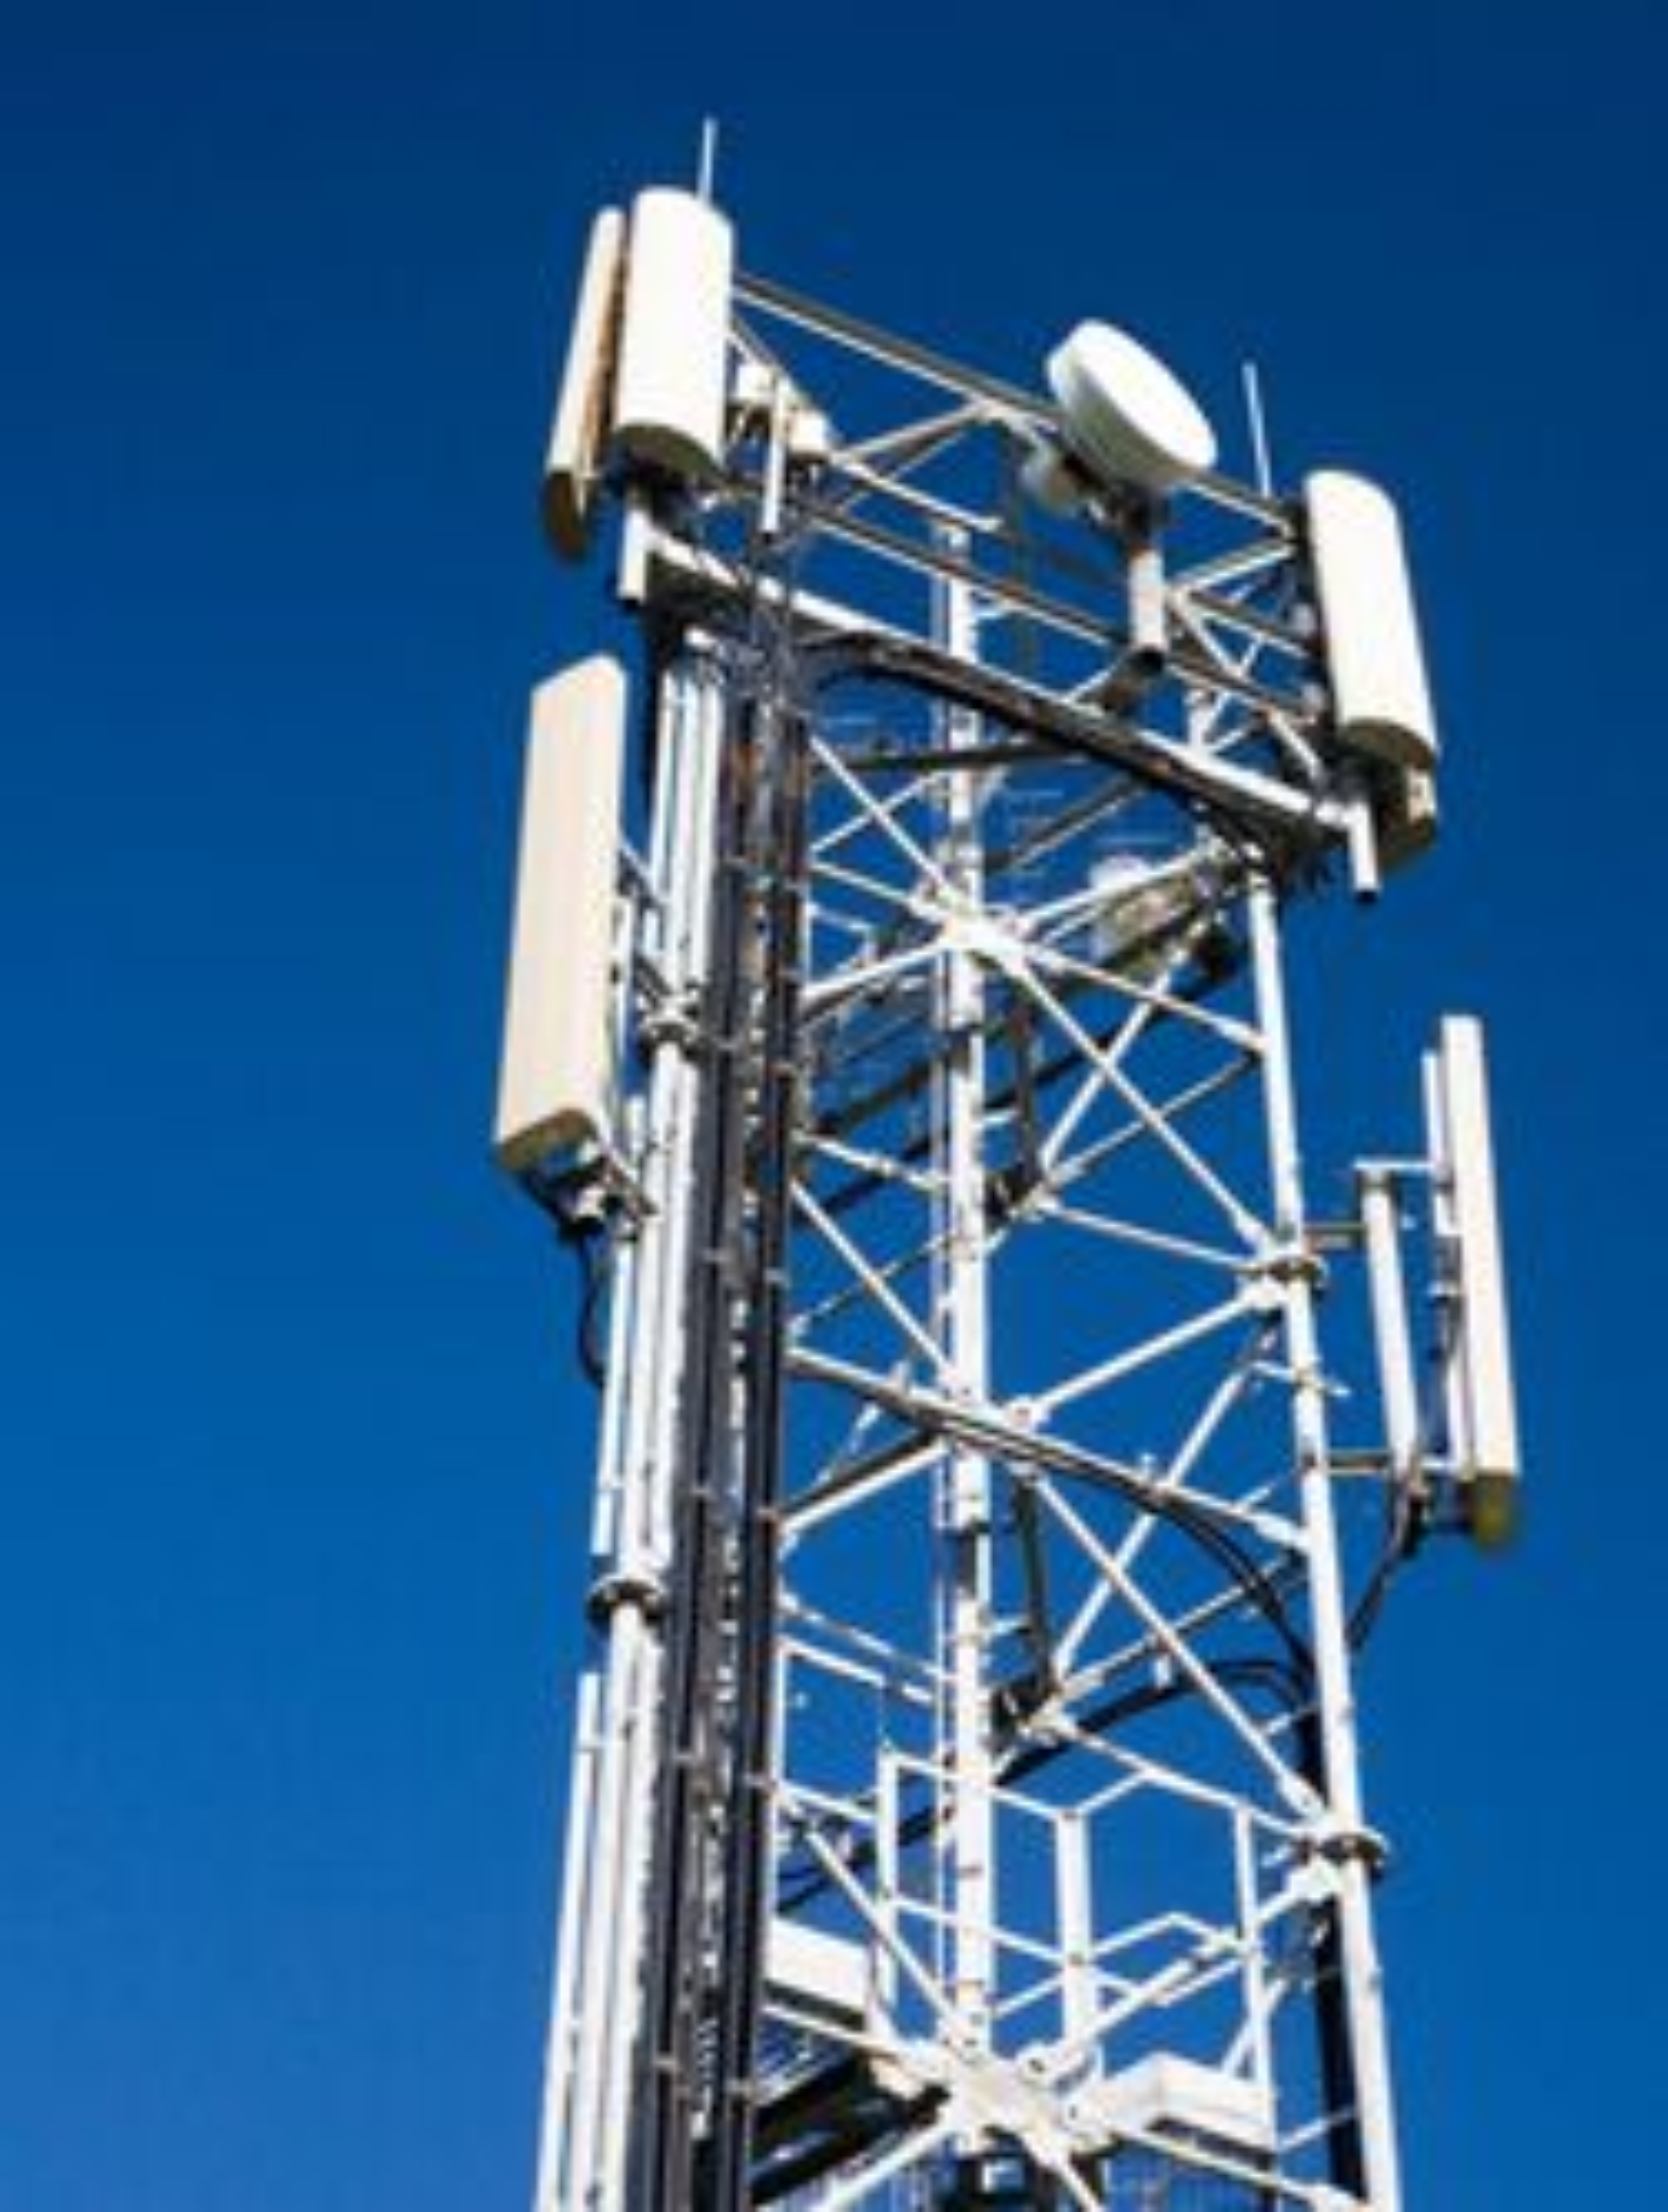 Telenors basestasjoner fikk trøbbel i dag. (Foto: Istockphoto / Ian Poole)